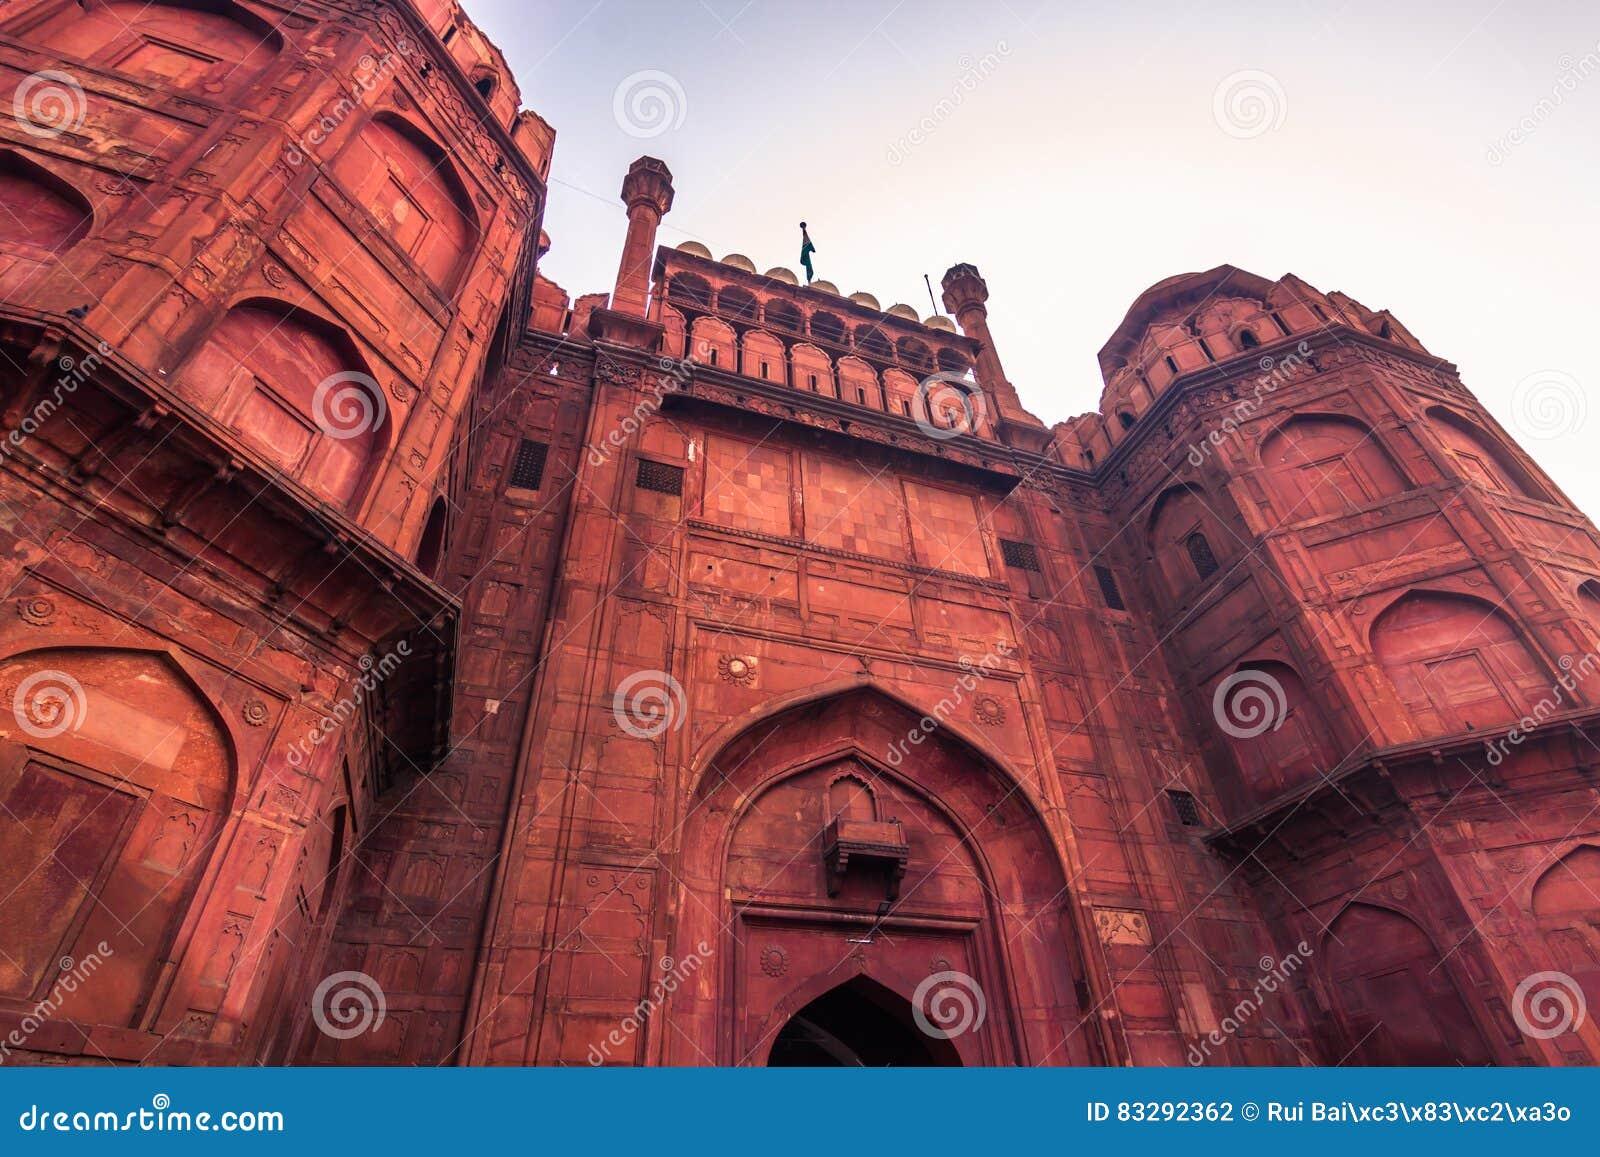 28 de outubro de 2014: Paredes do forte vermelho de Nova Deli, Índia